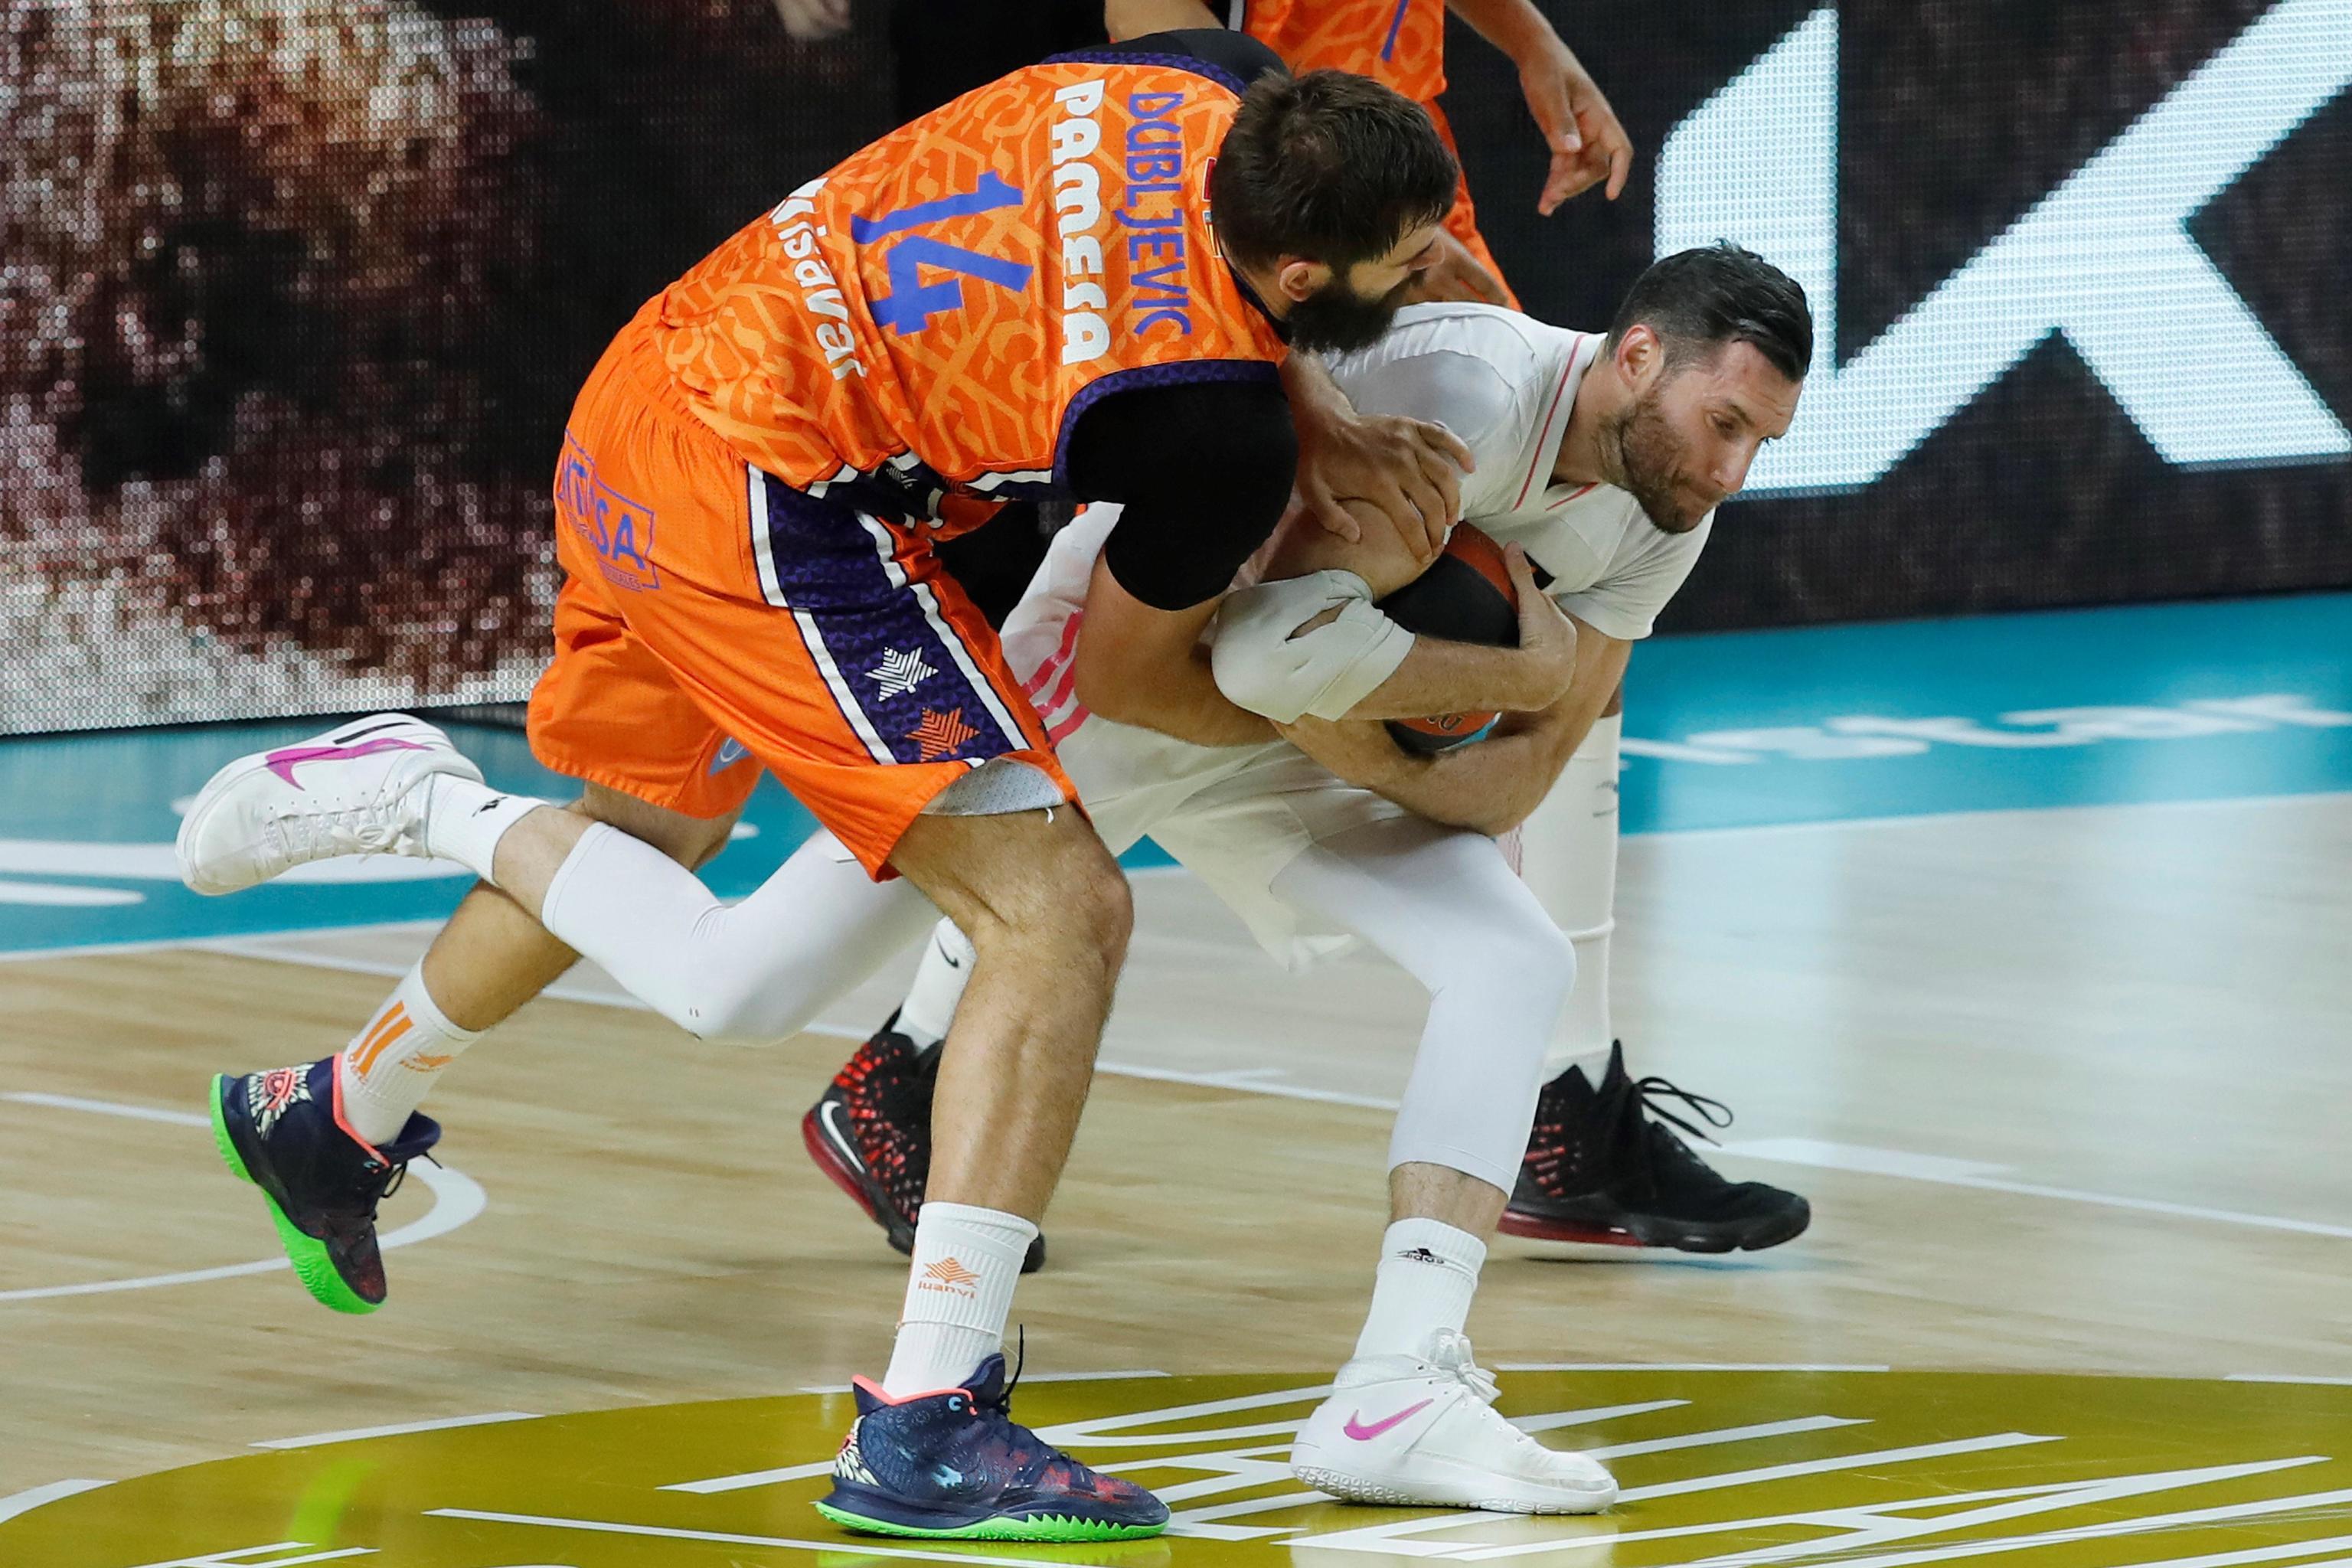 Dubljevic y Rudy pelean por un rebote, en el WiZink.